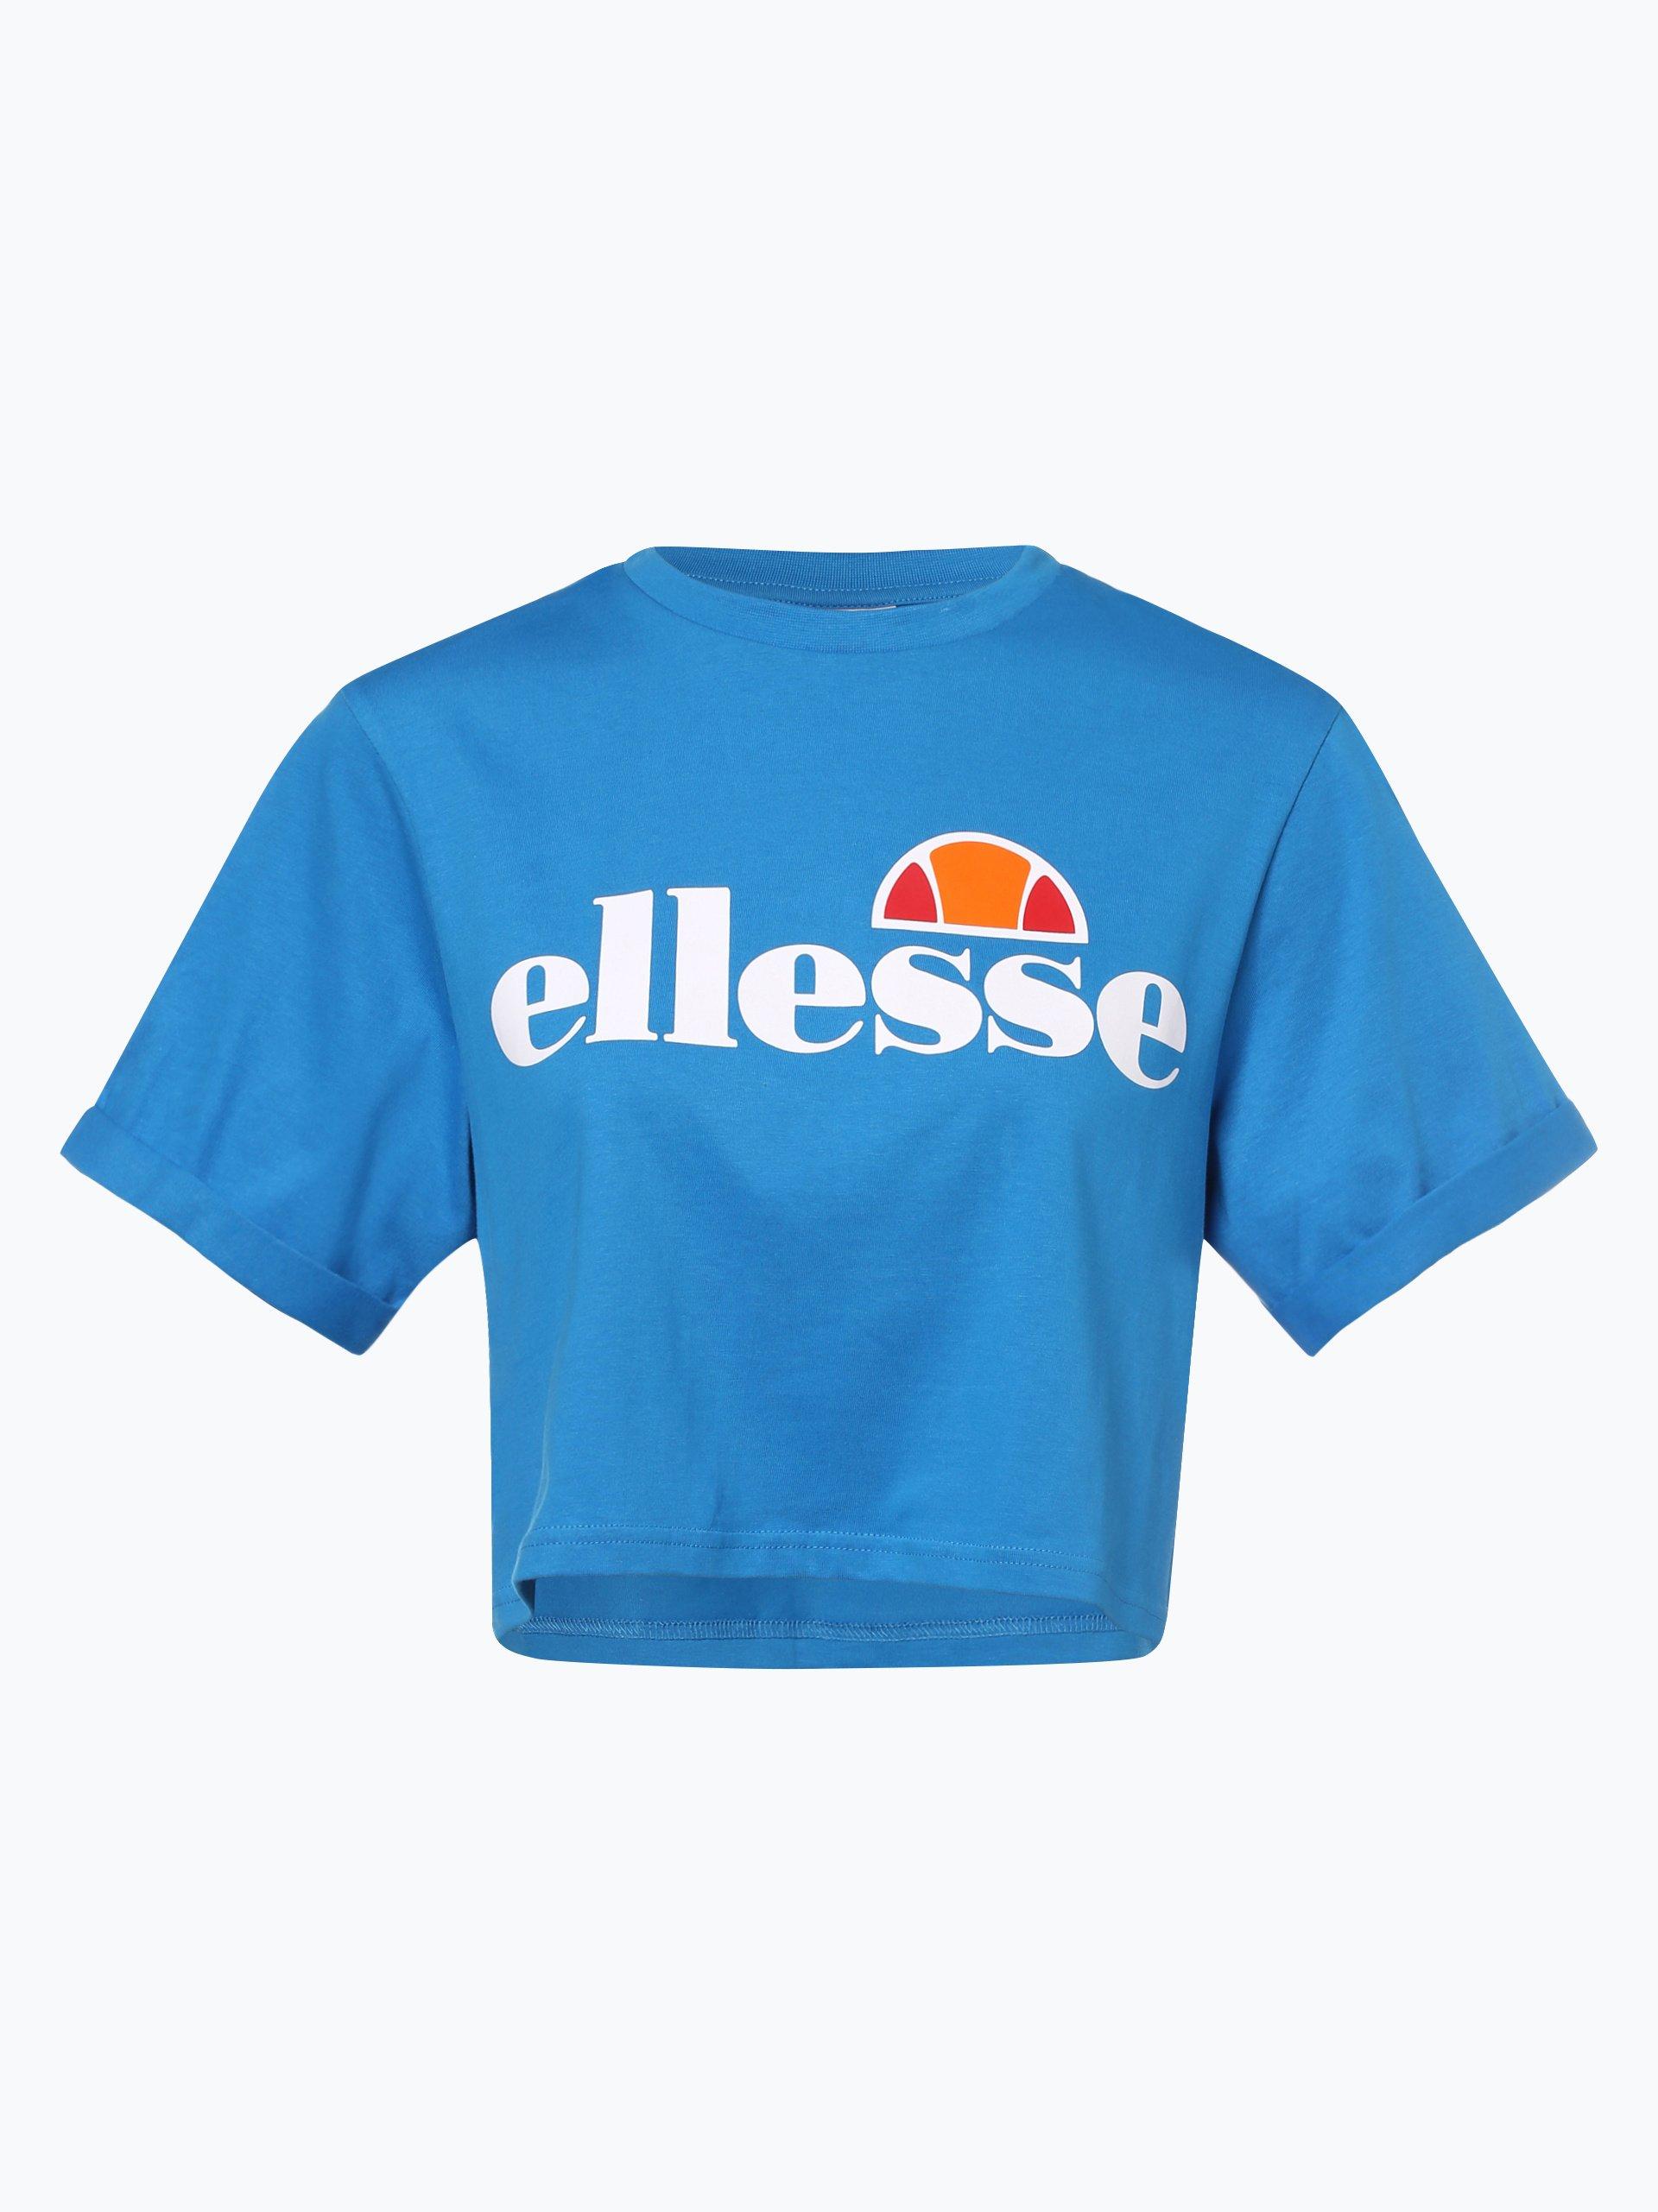 ellesse Damen T-Shirt